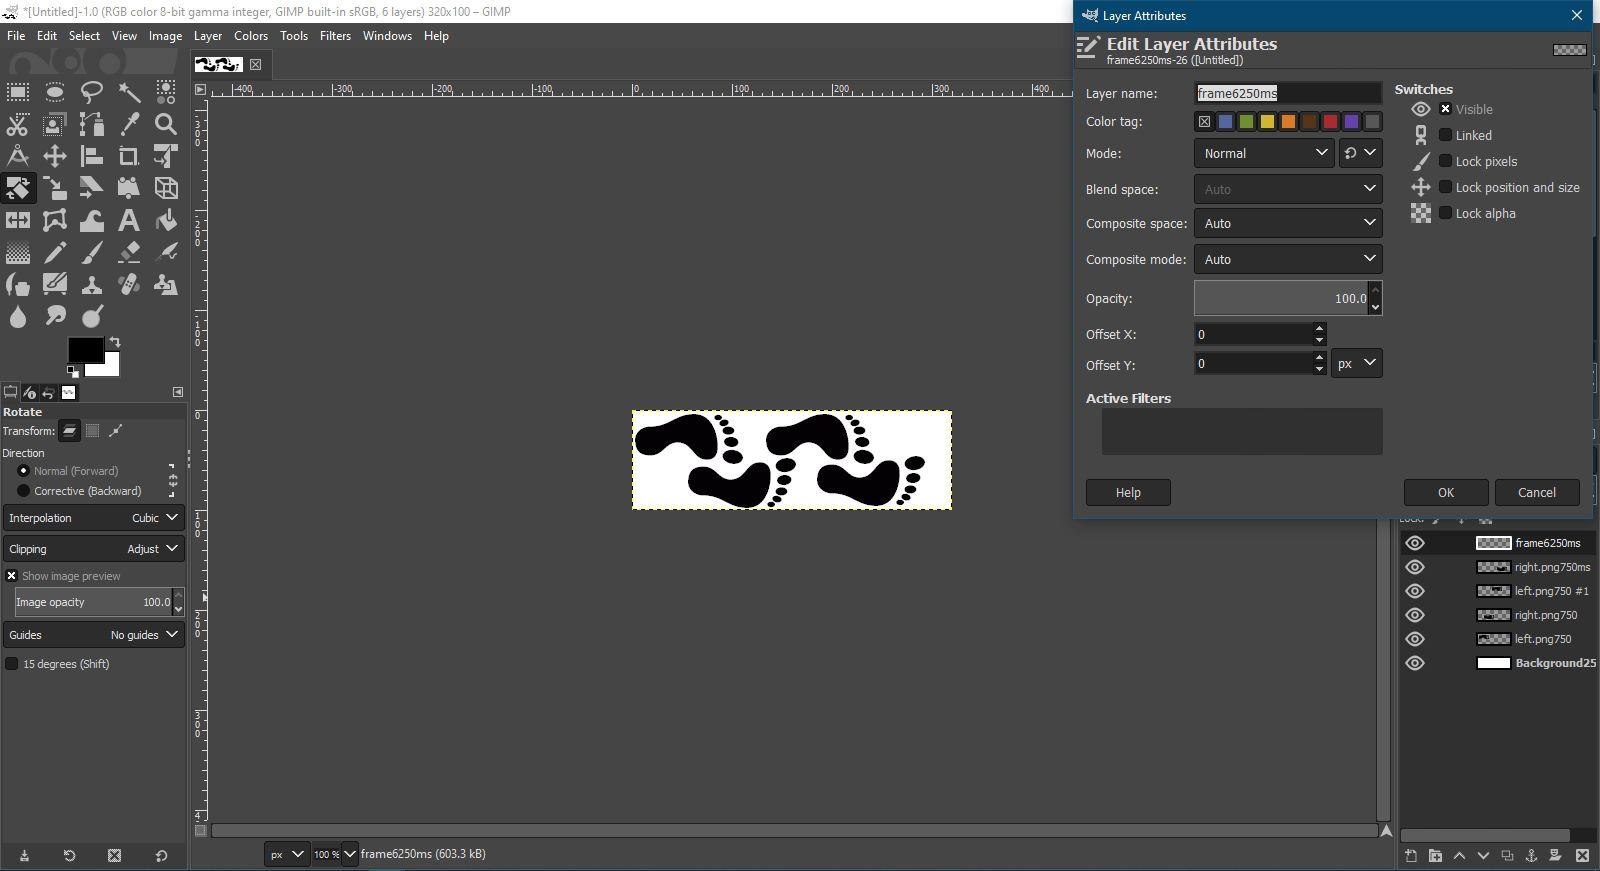 Edit layer attributes in GIMP.